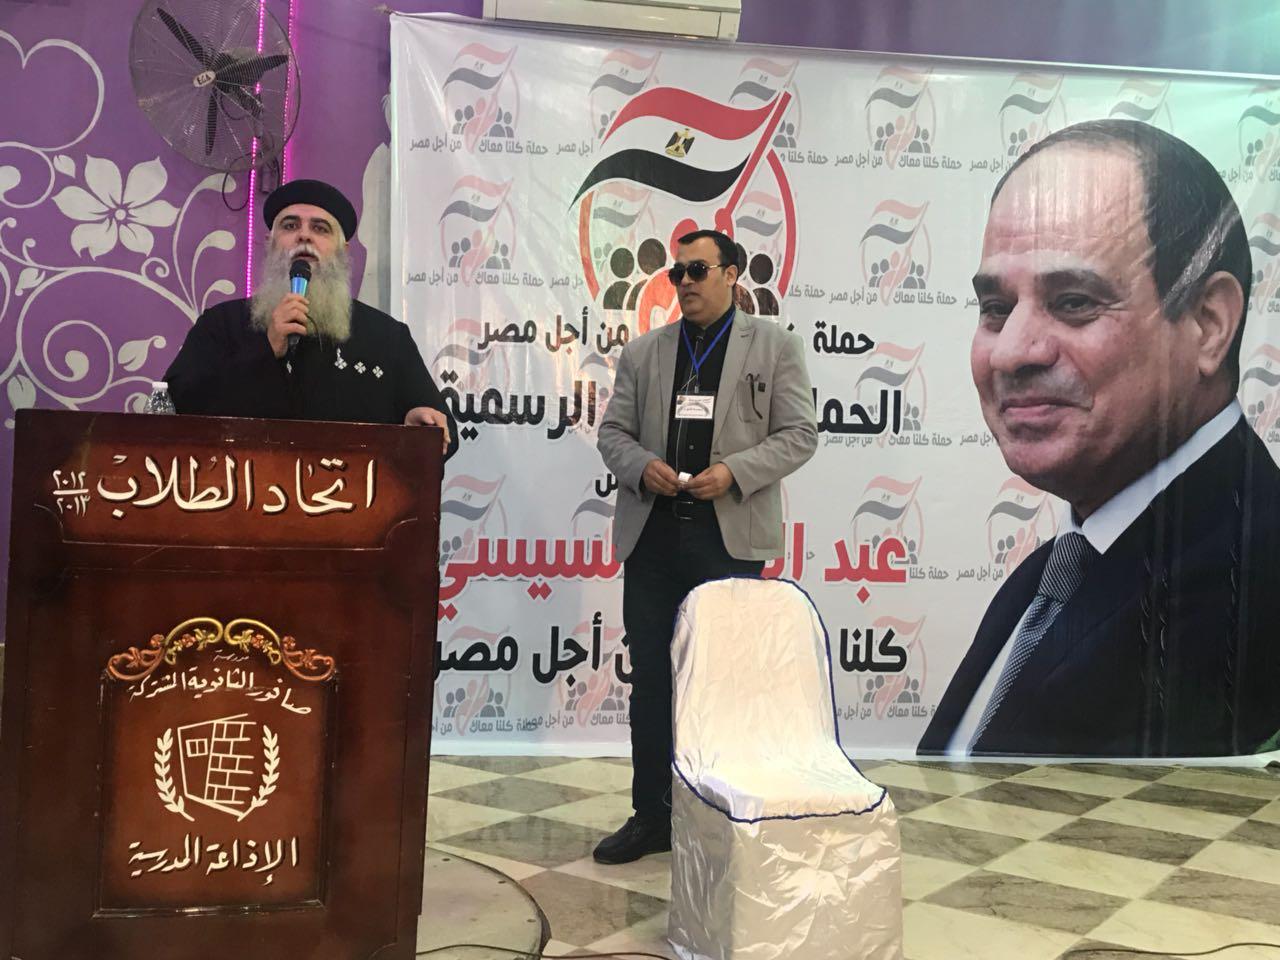 مسلم ومسيحى يد واحدة فى مؤتمر حاشد  لدعم السيسي بديرب نجم (1)